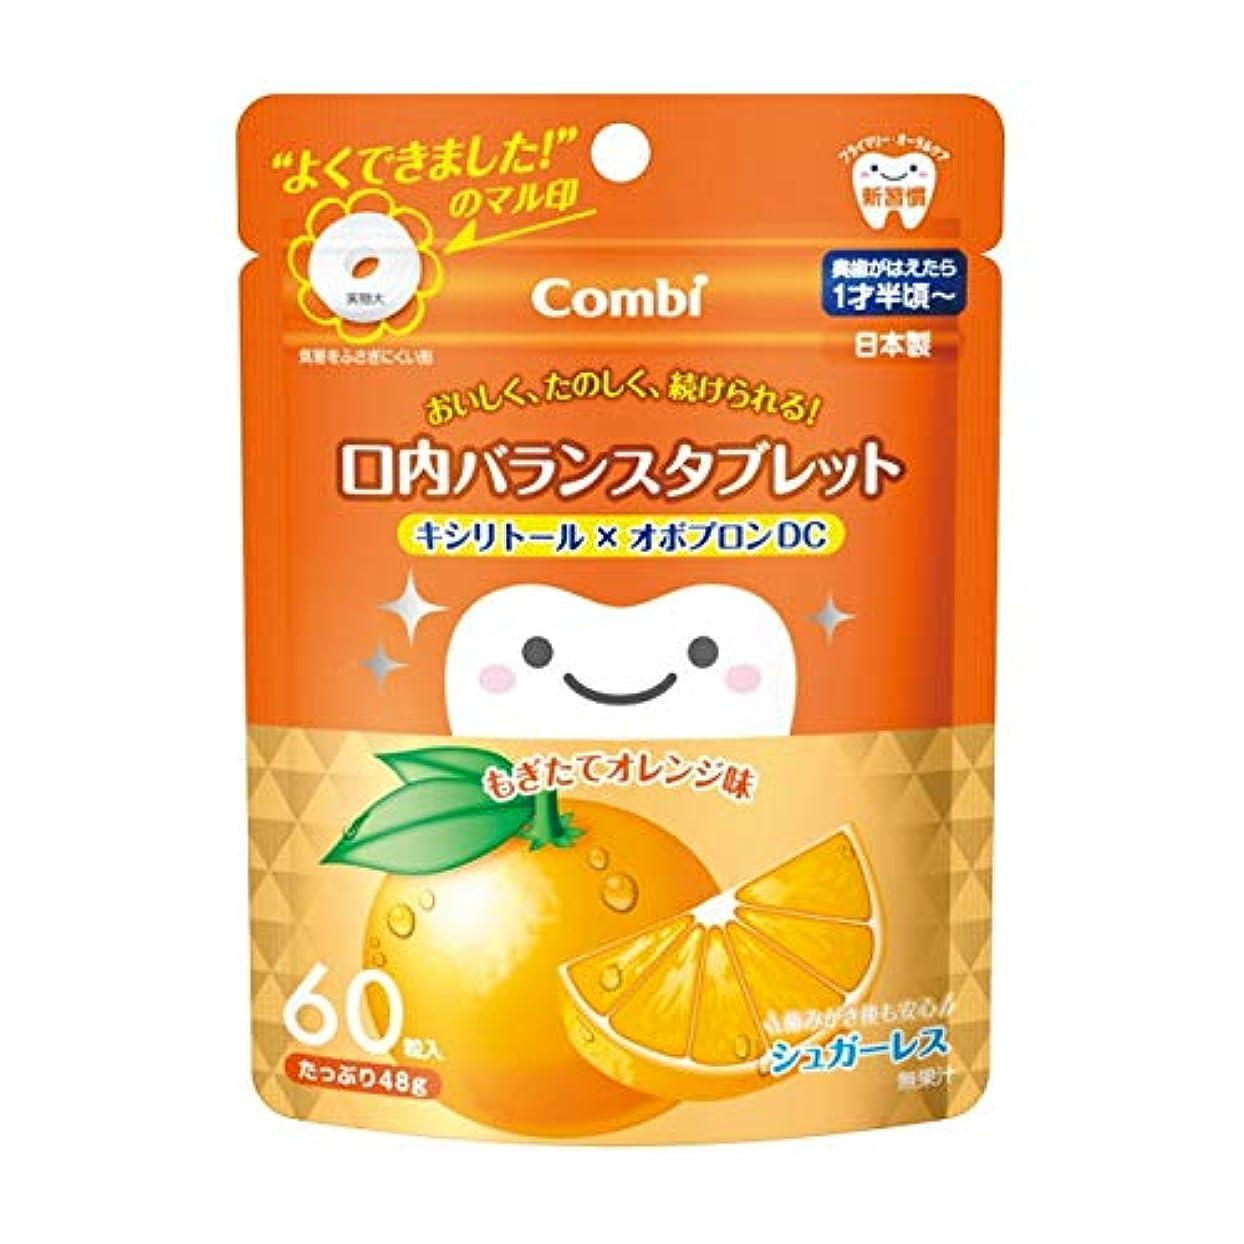 既に容赦ない会議テテオ 口内バランスタブレット(オレンジ) 60粒